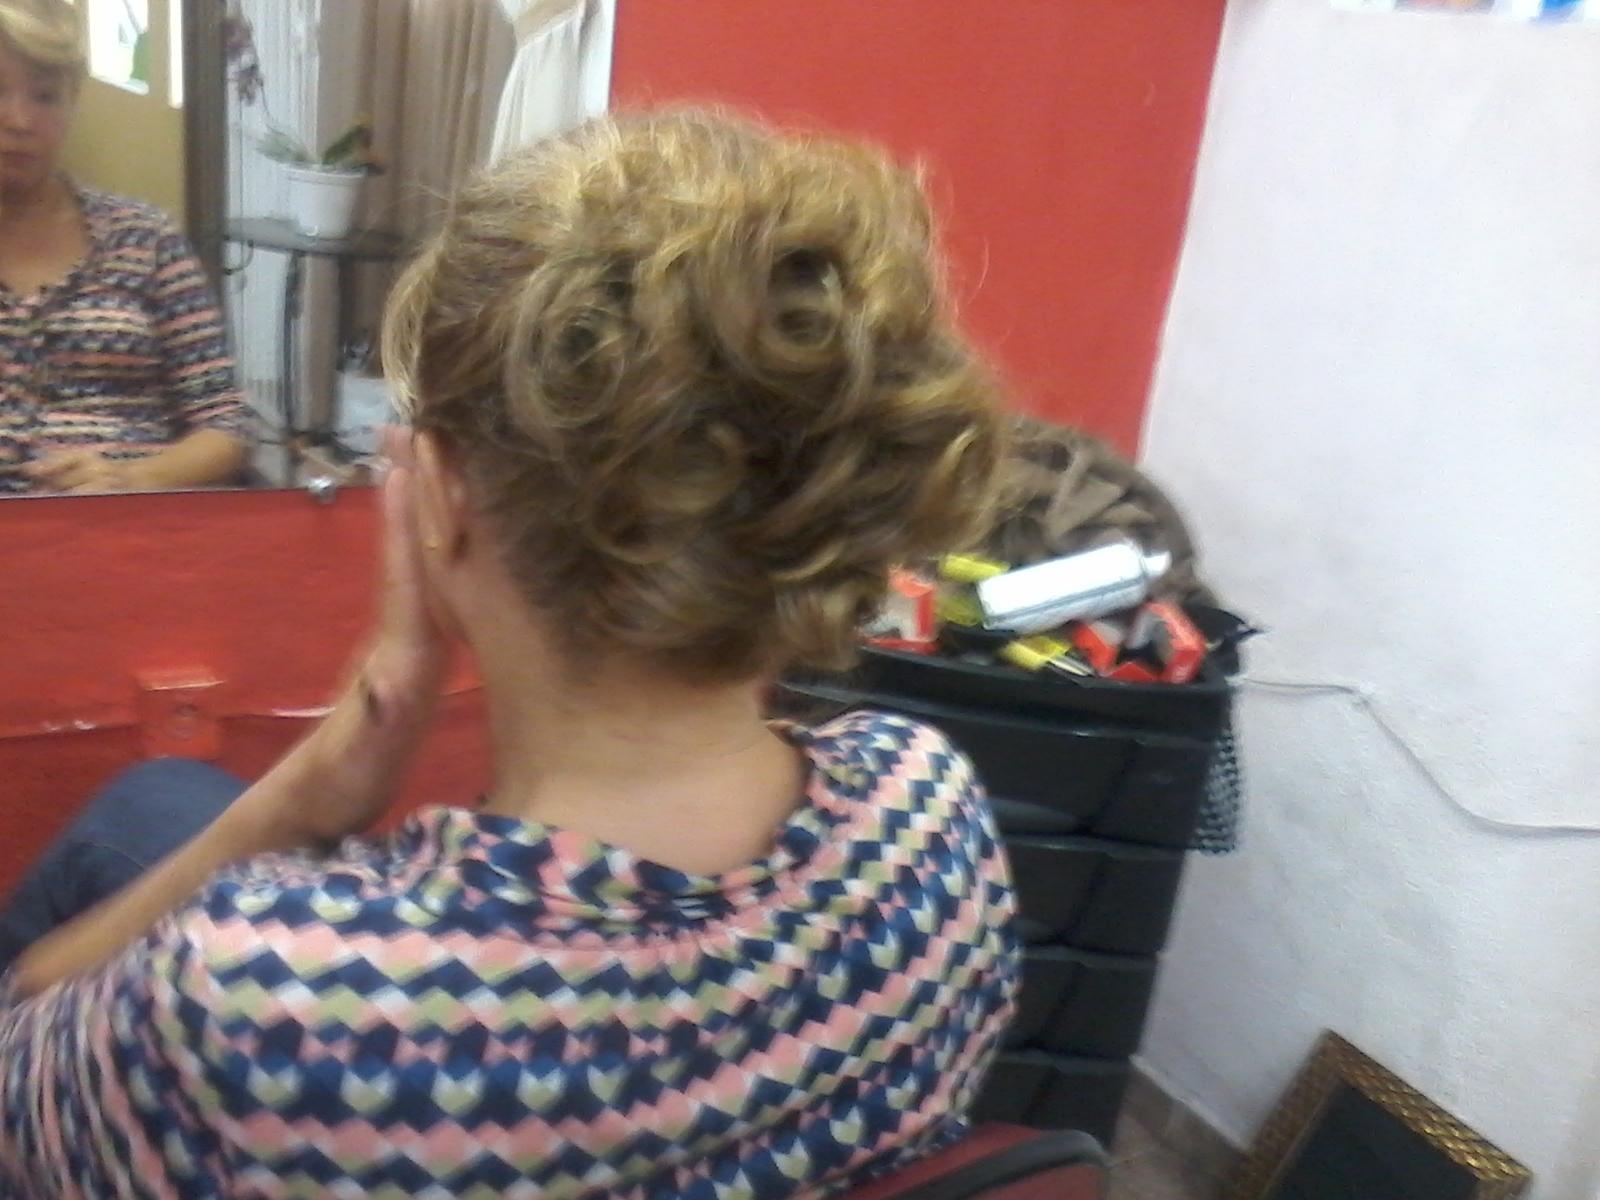 penteado Mais uma madrinho foi escovado feito uns cahos e preso meio desconectao que era o que a cliente queria cabeleireiro(a)